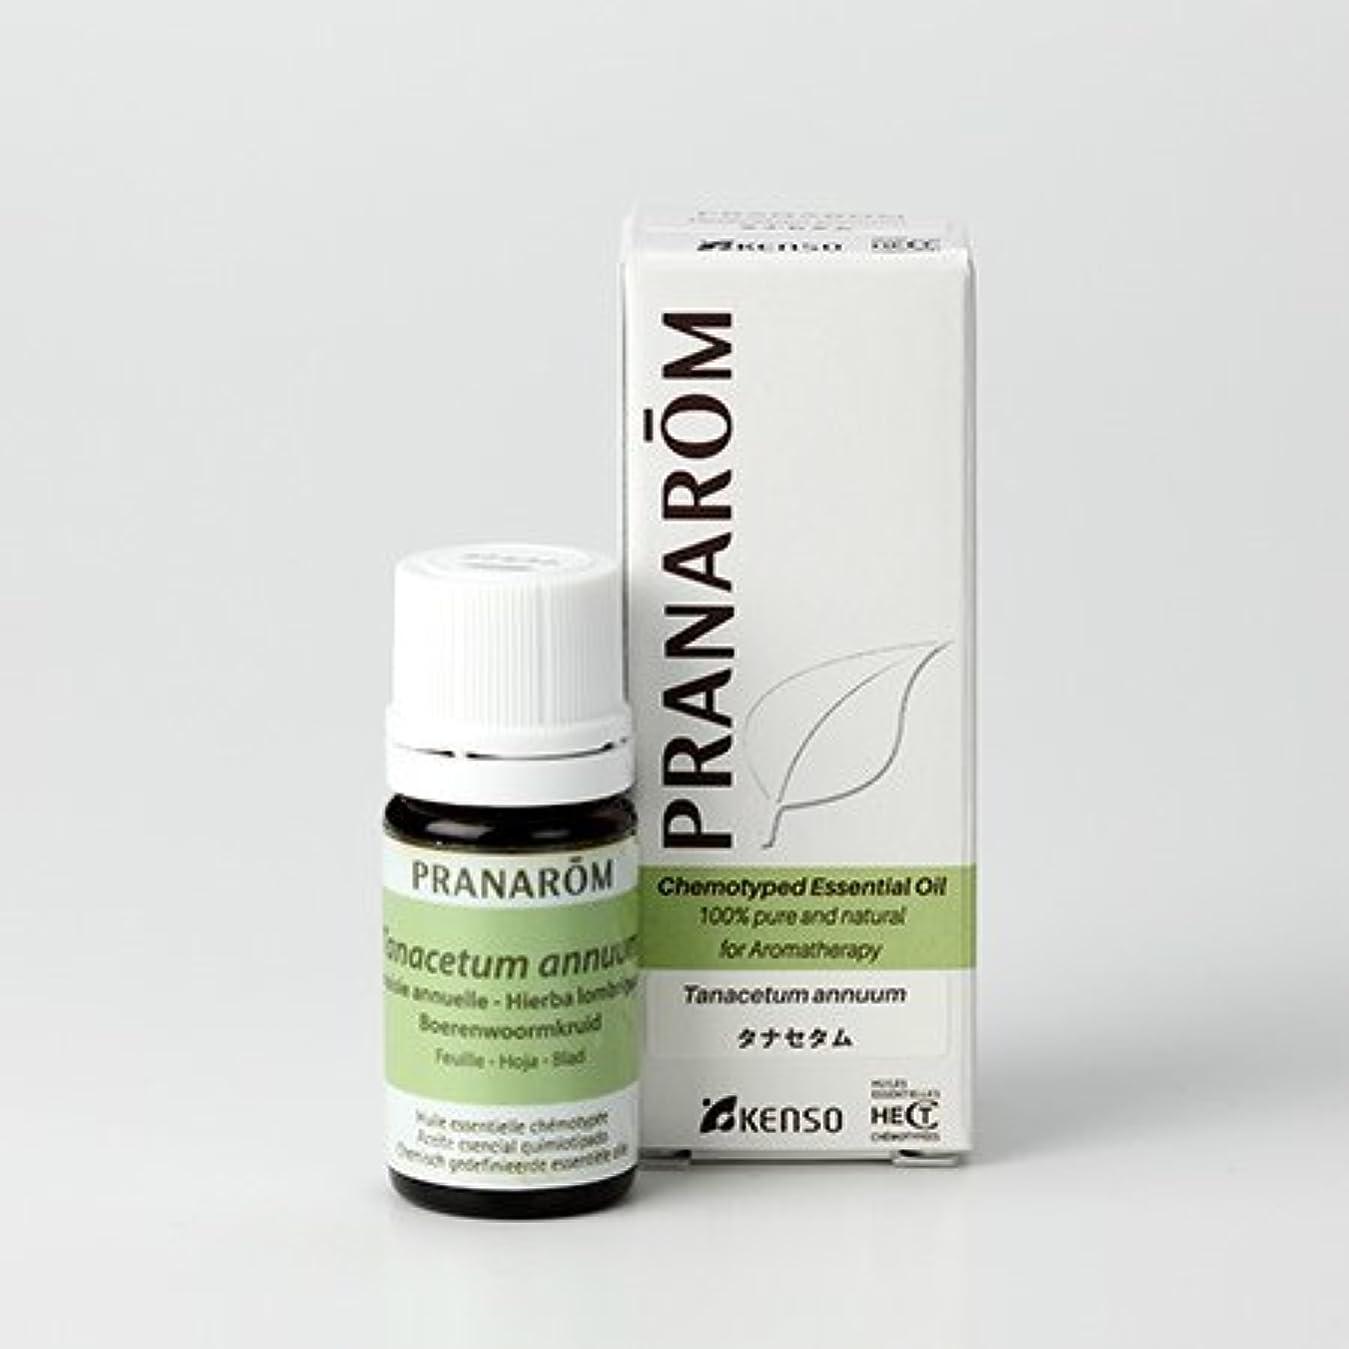 銛繰り返す噴出する【タナセタム 5ml】→甘みのある、濃厚でフルーティな香り?(リラックスハーブ系)[PRANAROM(プラナロム)精油/アロマオイル/エッセンシャルオイル]P-173